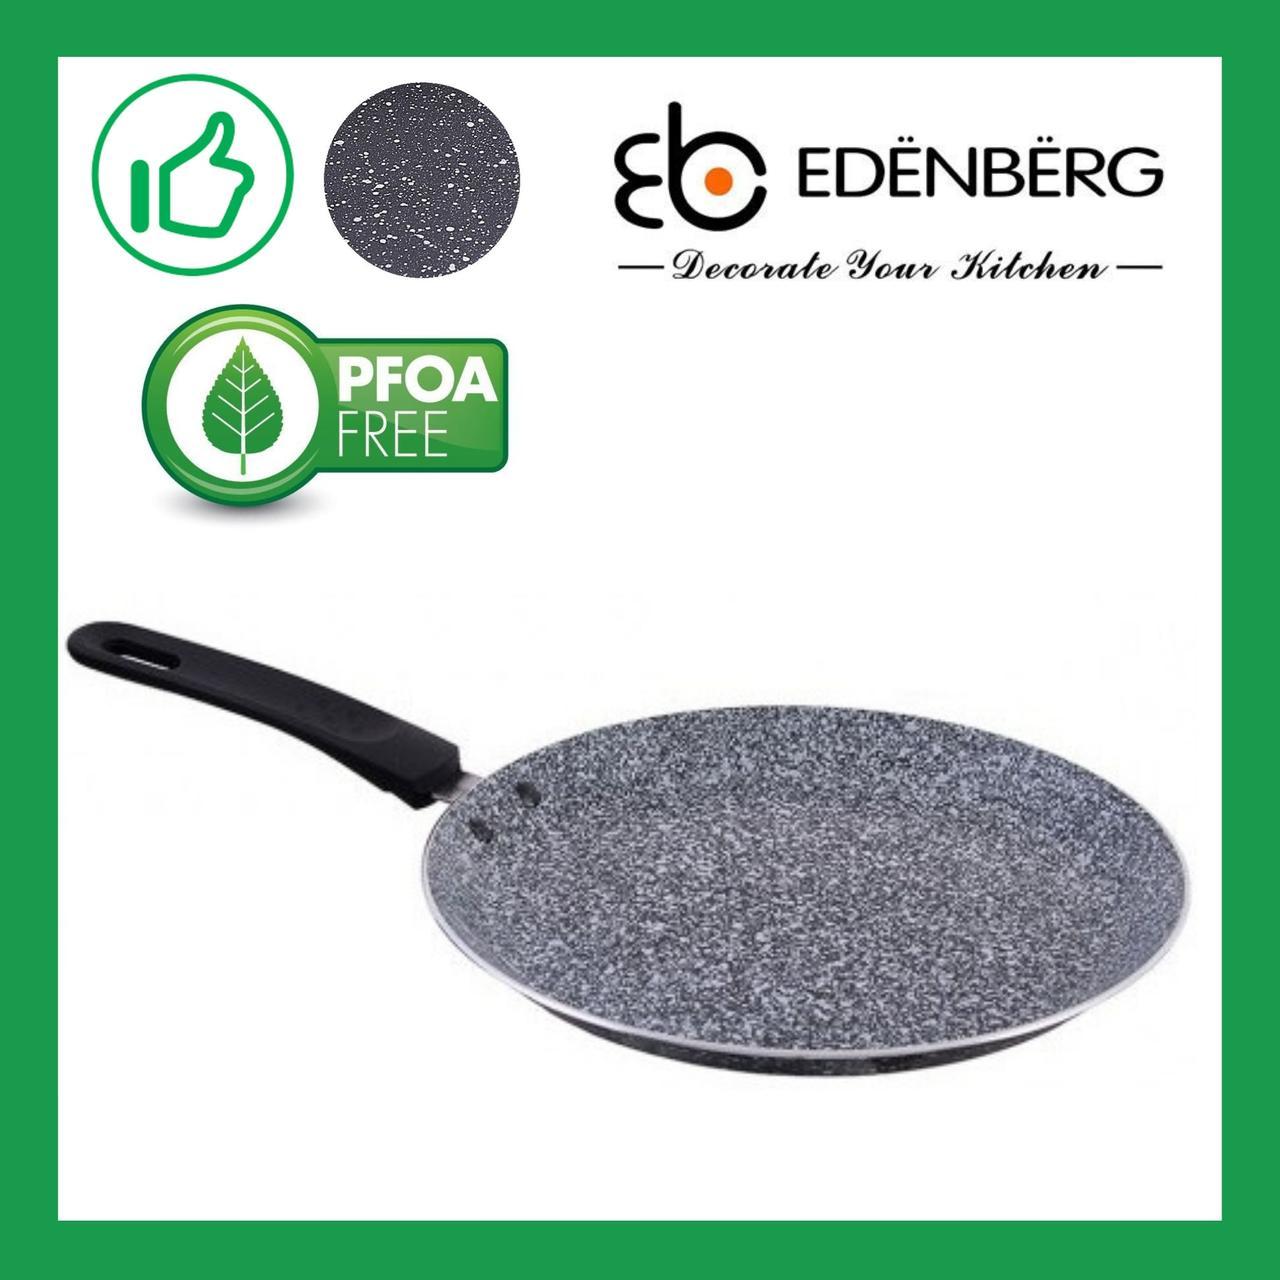 Cковорода для блинов Edenberg с гранитным антипригарным покрытием 24 см (EB-3389)